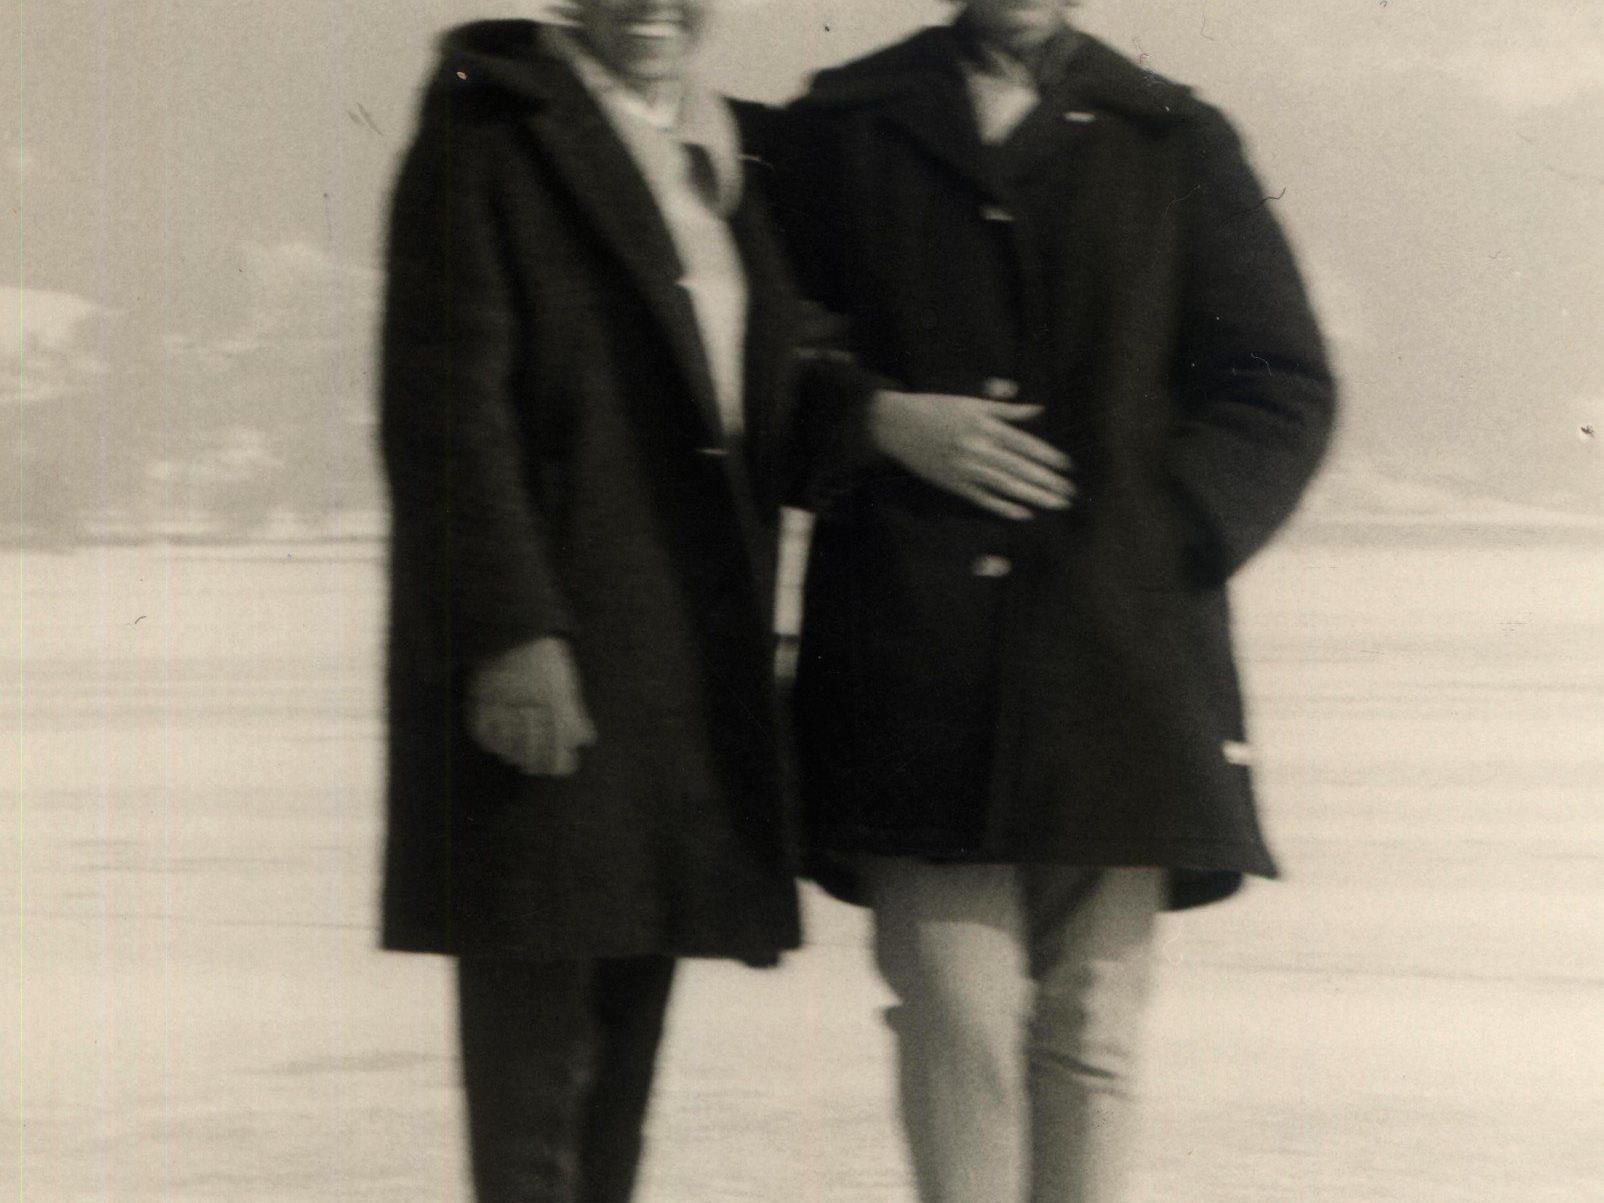 """Roswitha Frefel und Hilde Waidelich (rechts) – ein kleines, leicht unscharfes Foto erinnert an den """"ein wenig unheimlichen Ausflug auf das Eis""""."""